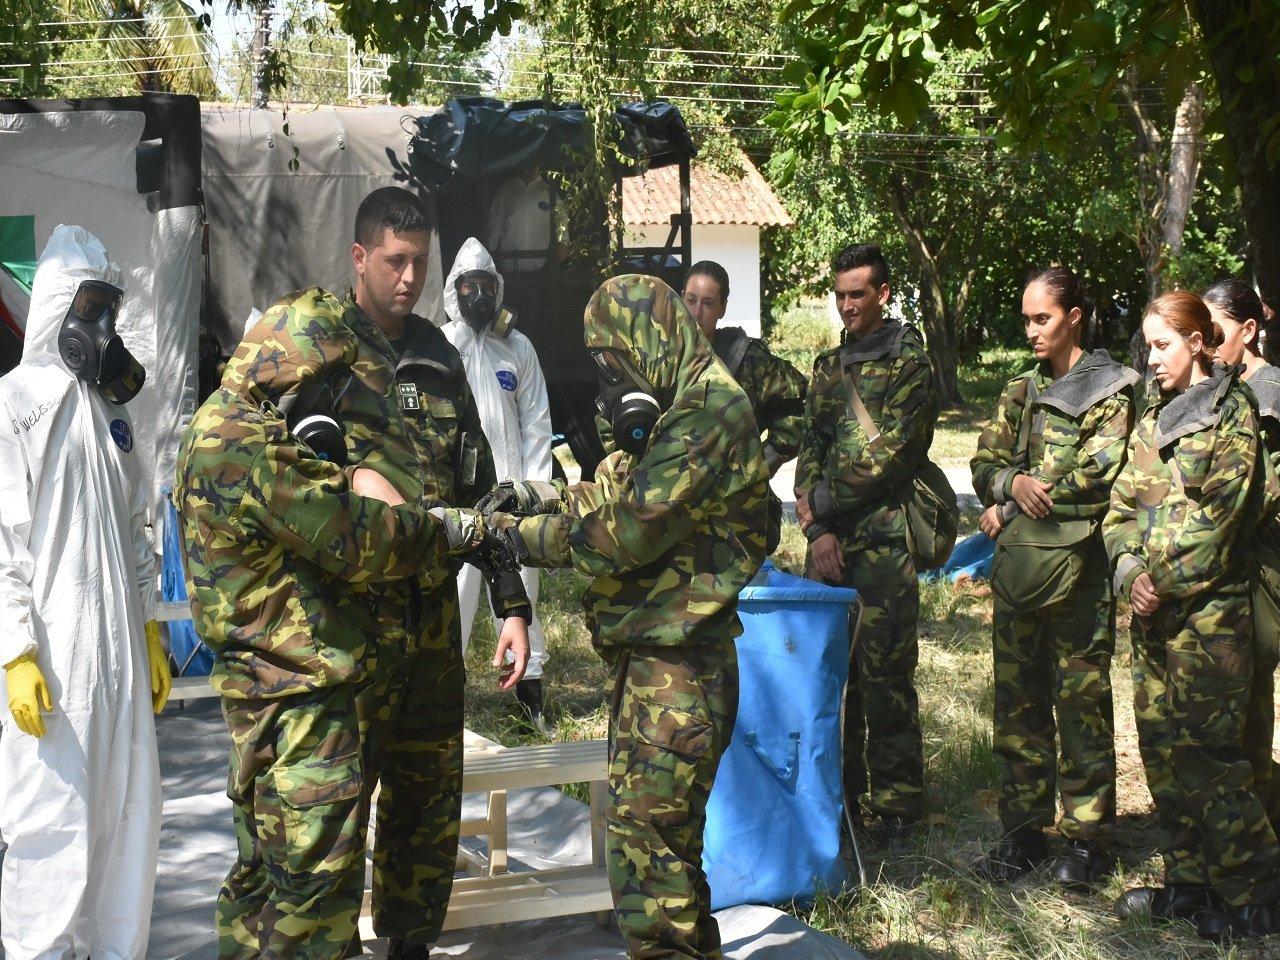 يخضع جنود الجيش البرازيلي لعملية تدريب للتصرف في حالات الهجمات الكيميائية